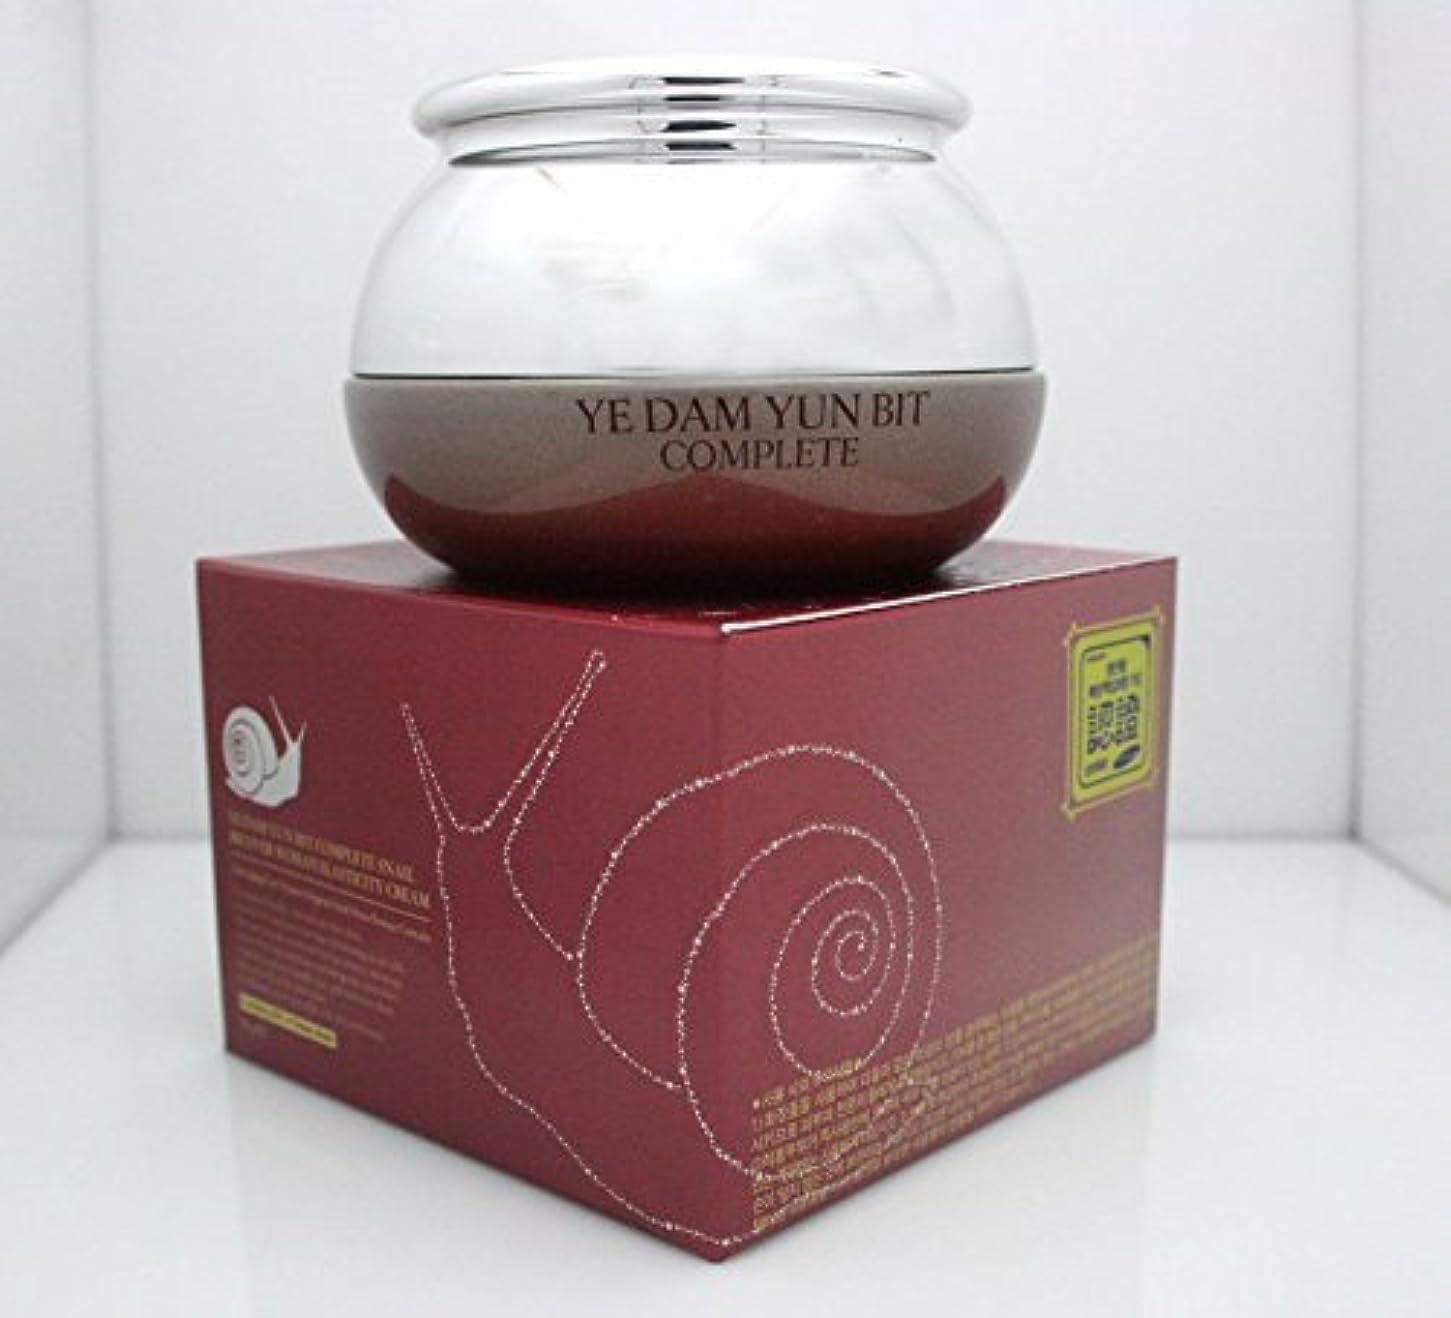 ポーンメトロポリタン製造業[YEDAM YUNBIT] 完全なカタツムリ?リフト?リフティング?クリーム50g/韓国化粧品/Complete Snail Recover Lifting Cream 50g/Korean cosmetics [並行輸入品]